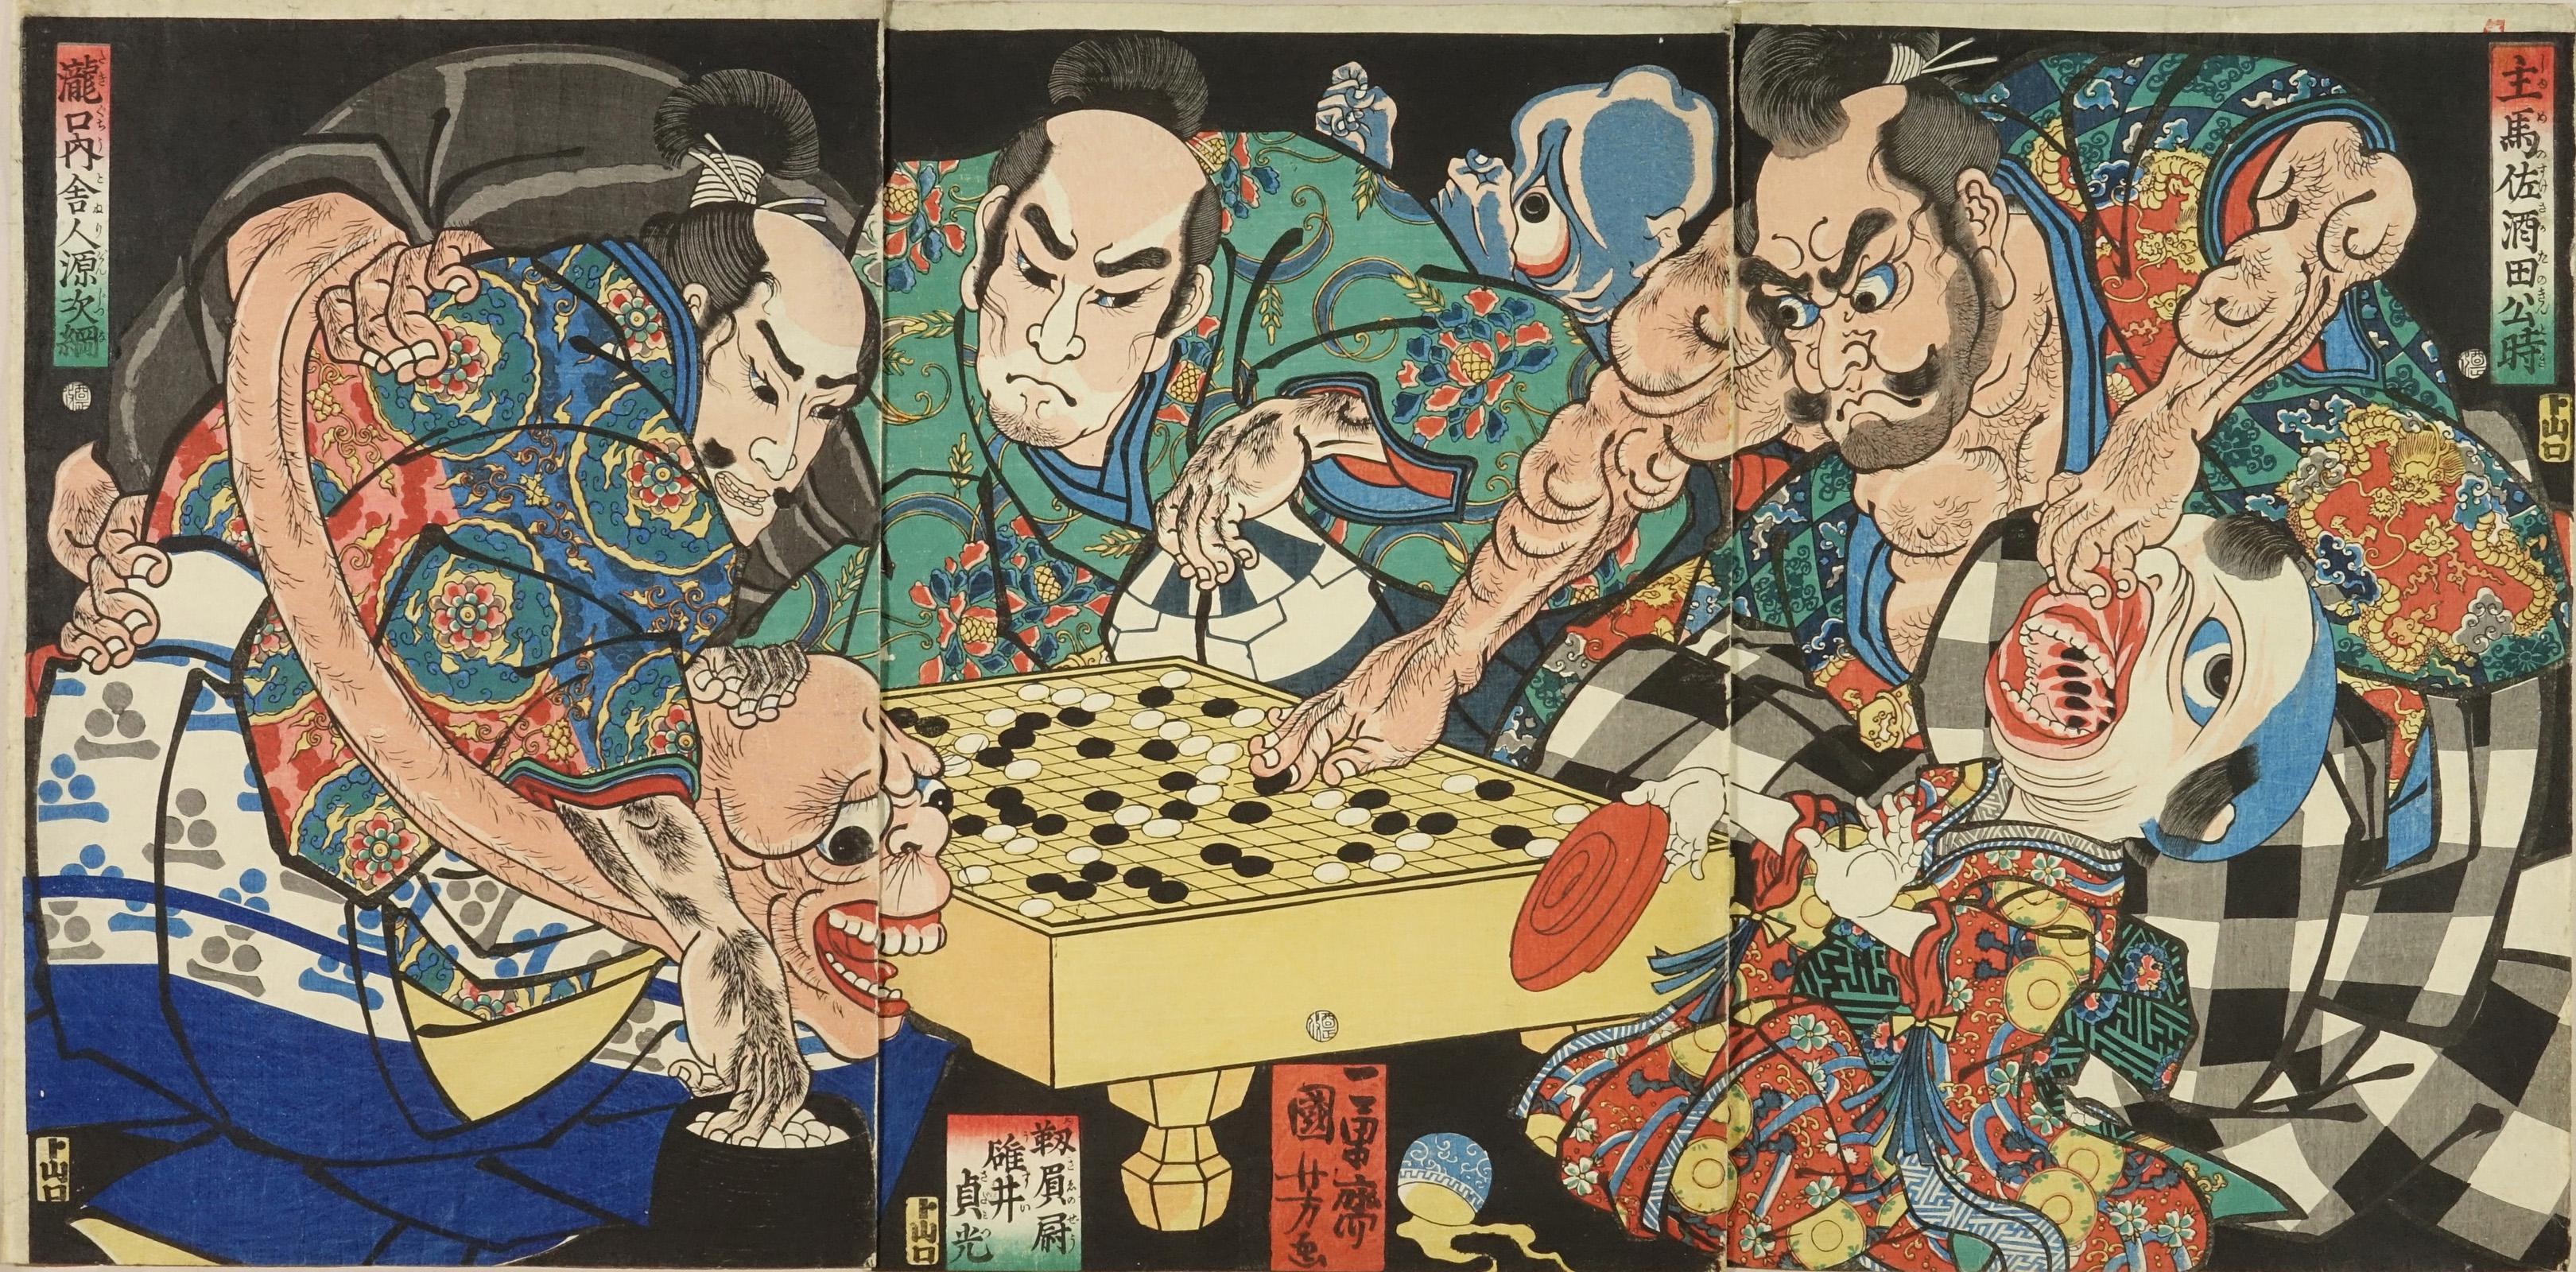 KUNIYOSHI Sakata Kintoki, Usui Sadamitsu, and Watanabe no Tsuna subdue monsters while playing <i>go</i>-game, triptych